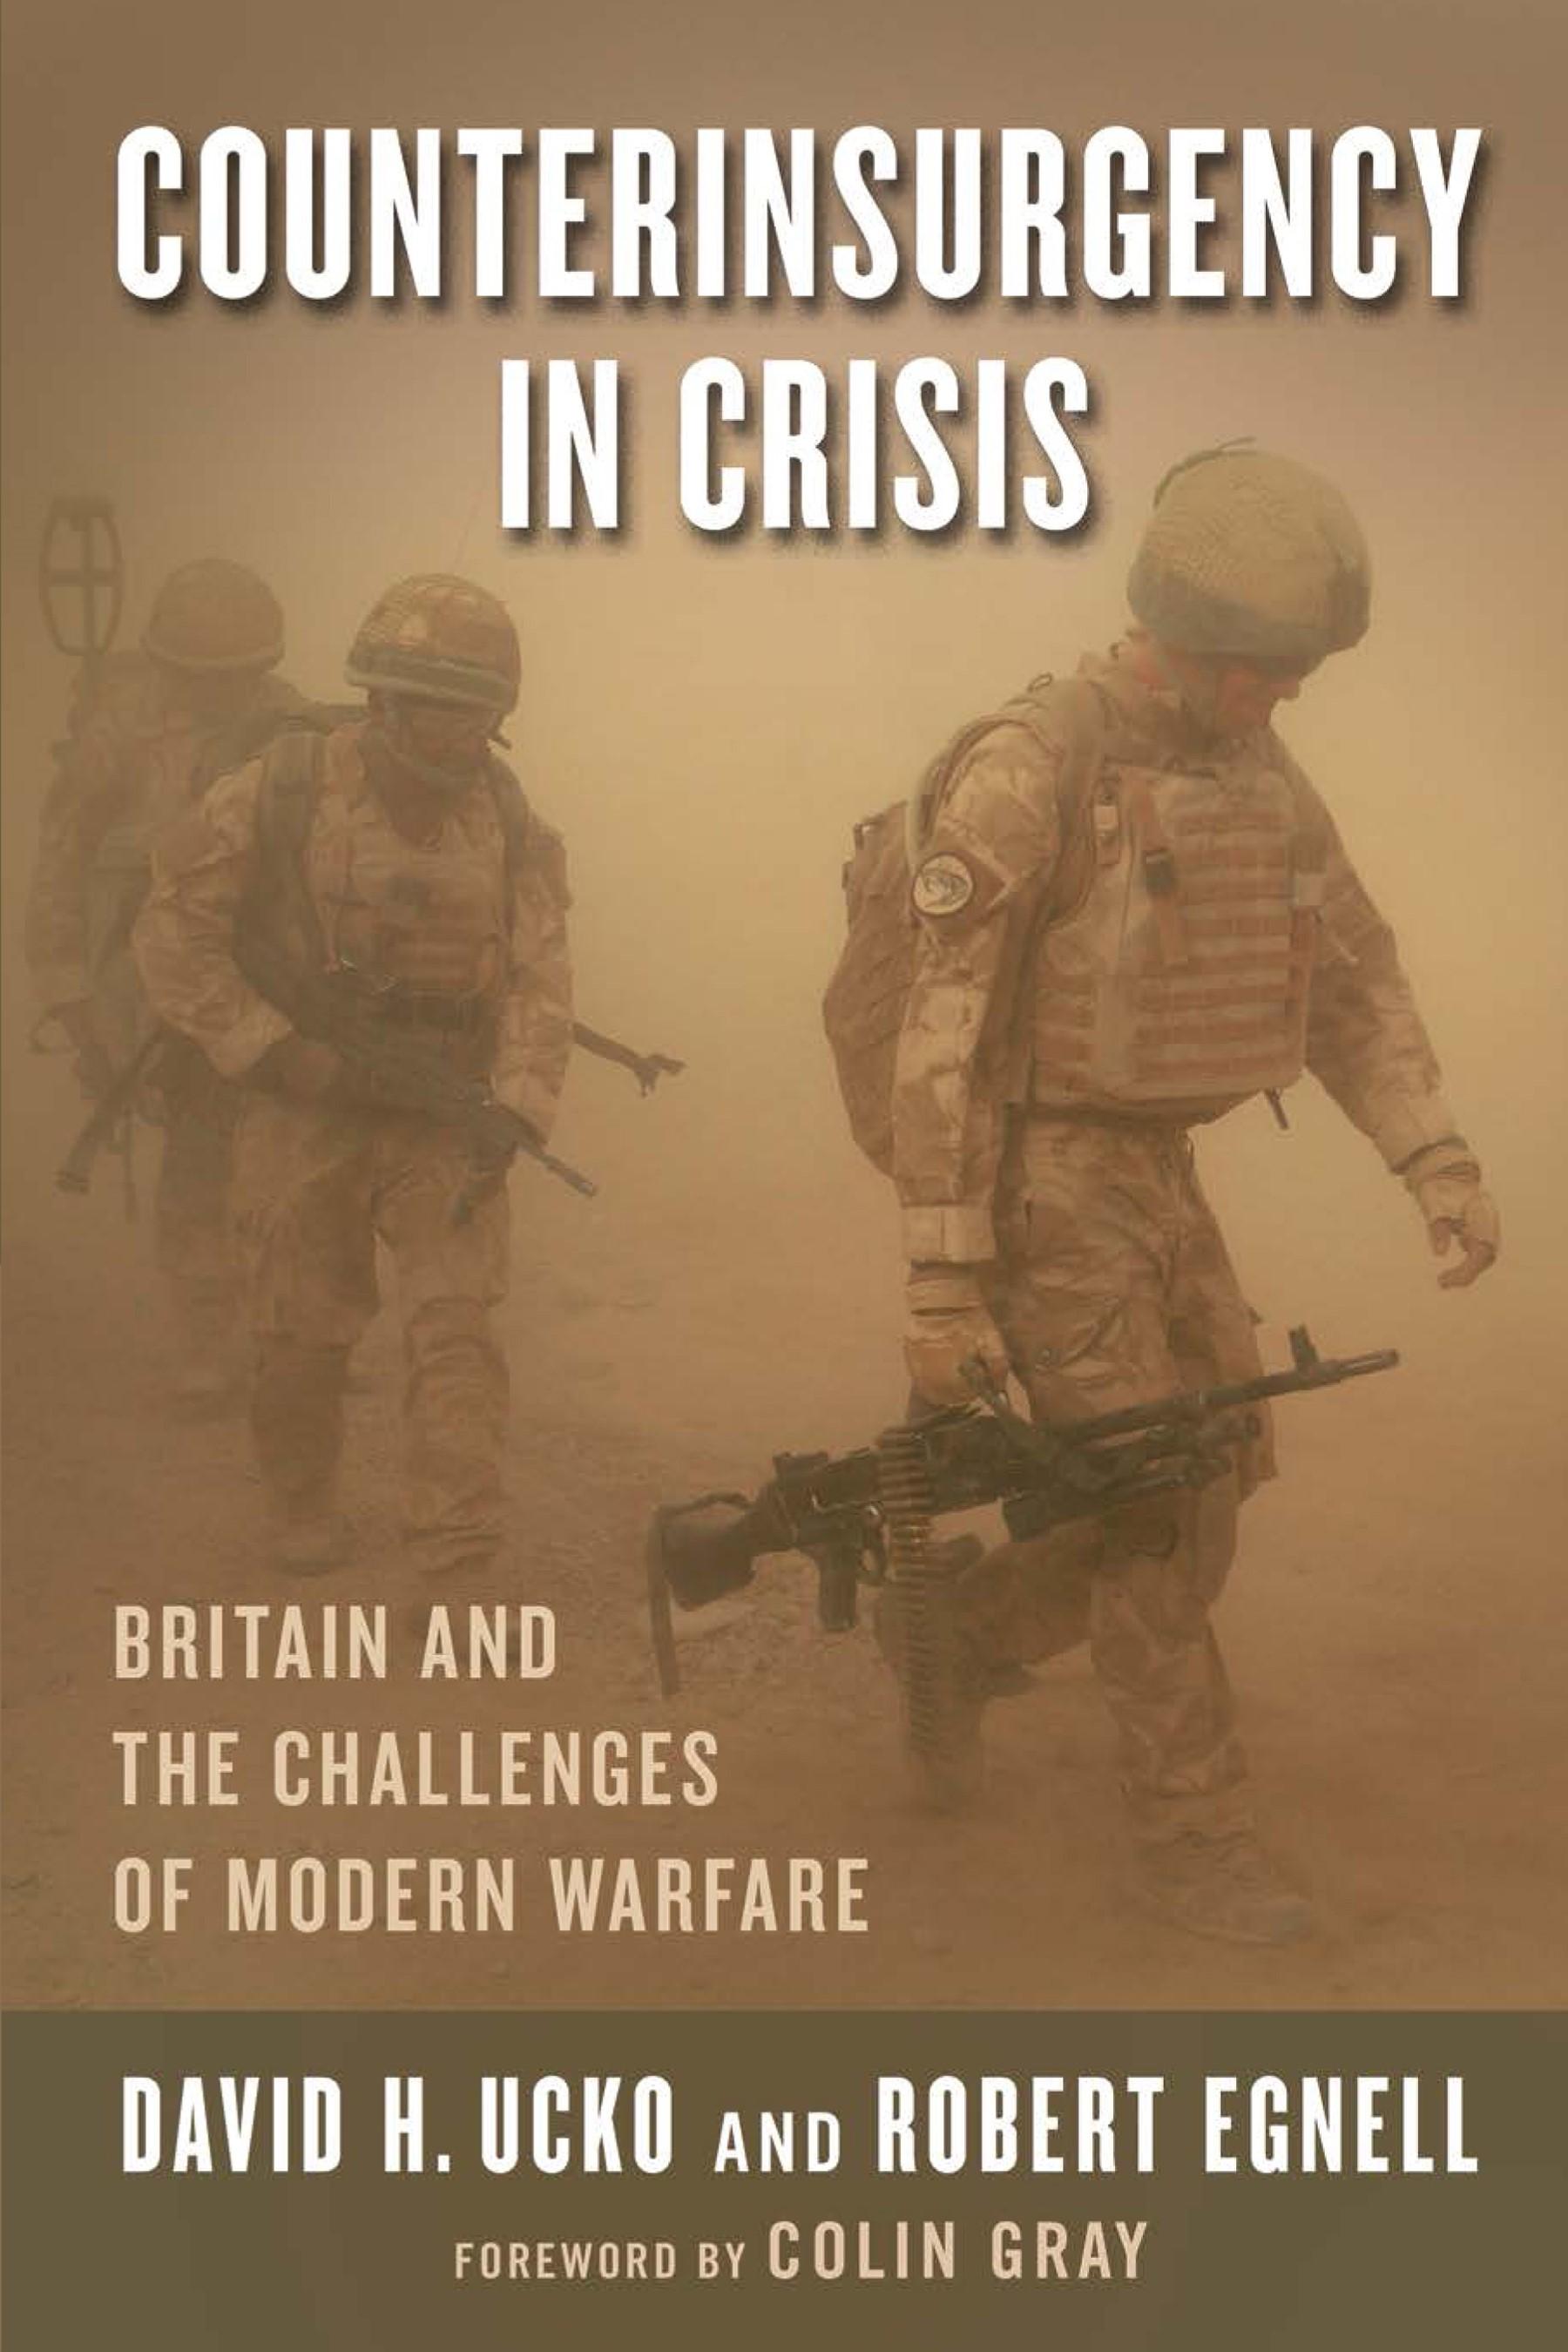 Abbildung von Counterinsurgency in Crisis | 2013